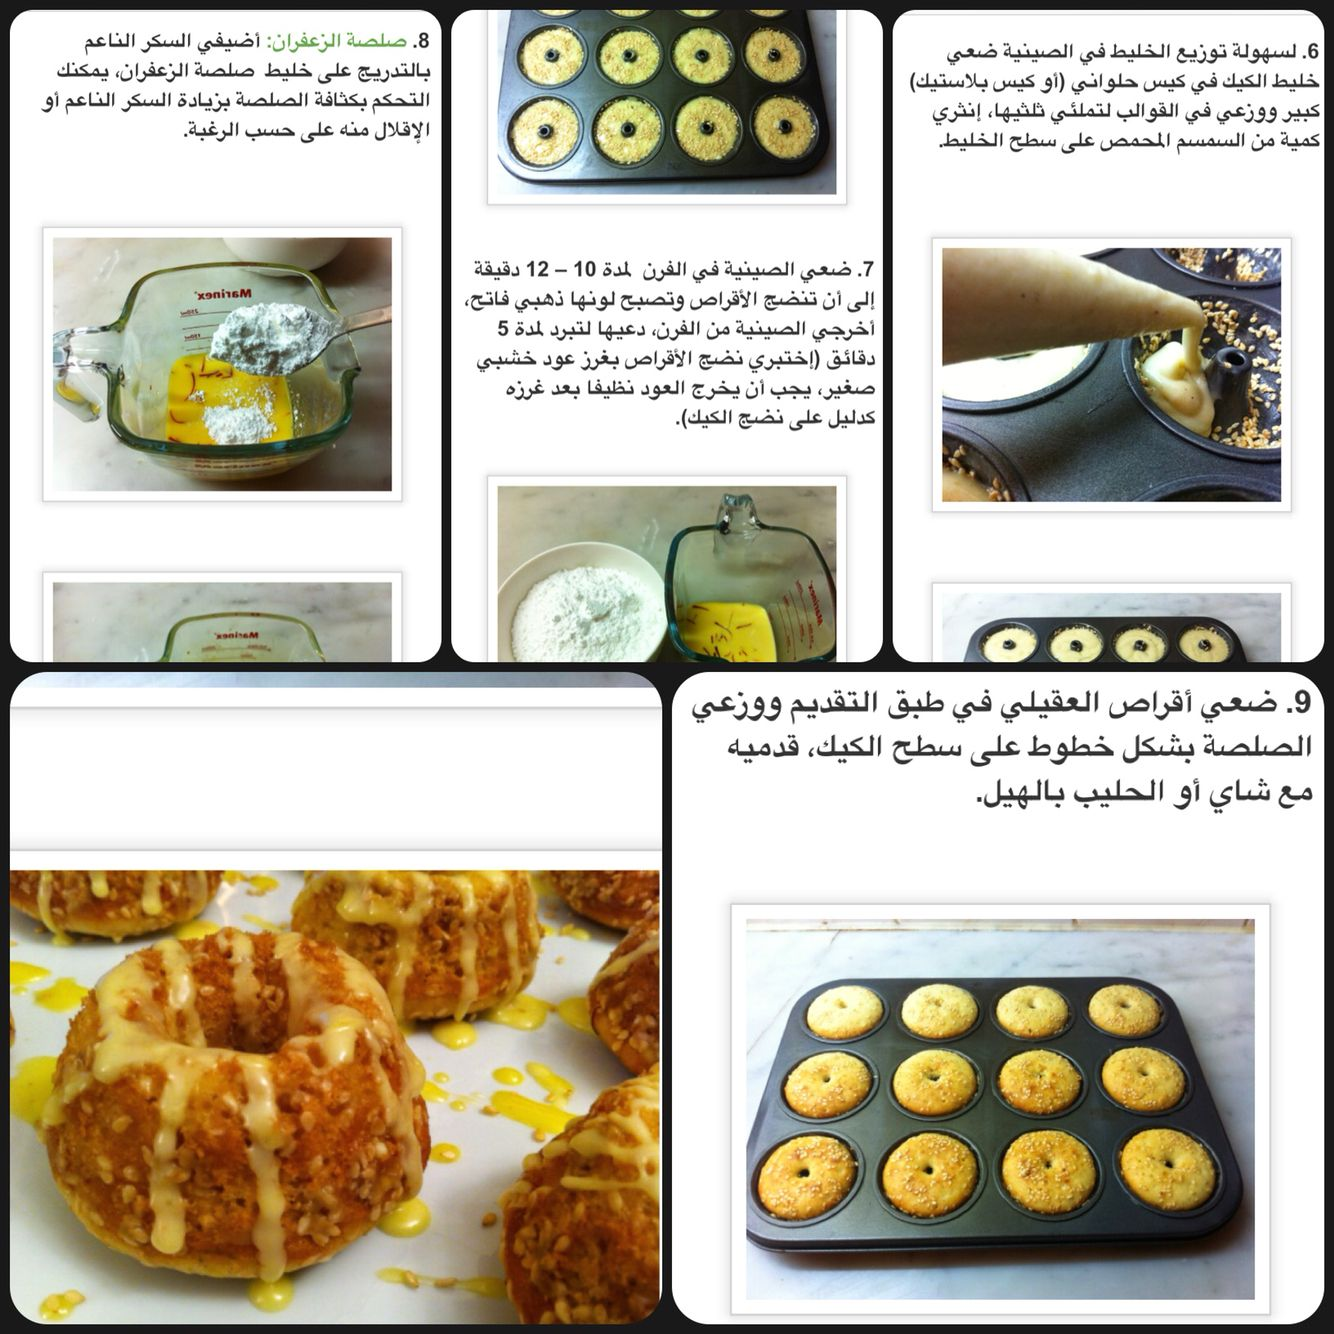 قرص عقيلي ٣ Cooking Food And Drink Recipes